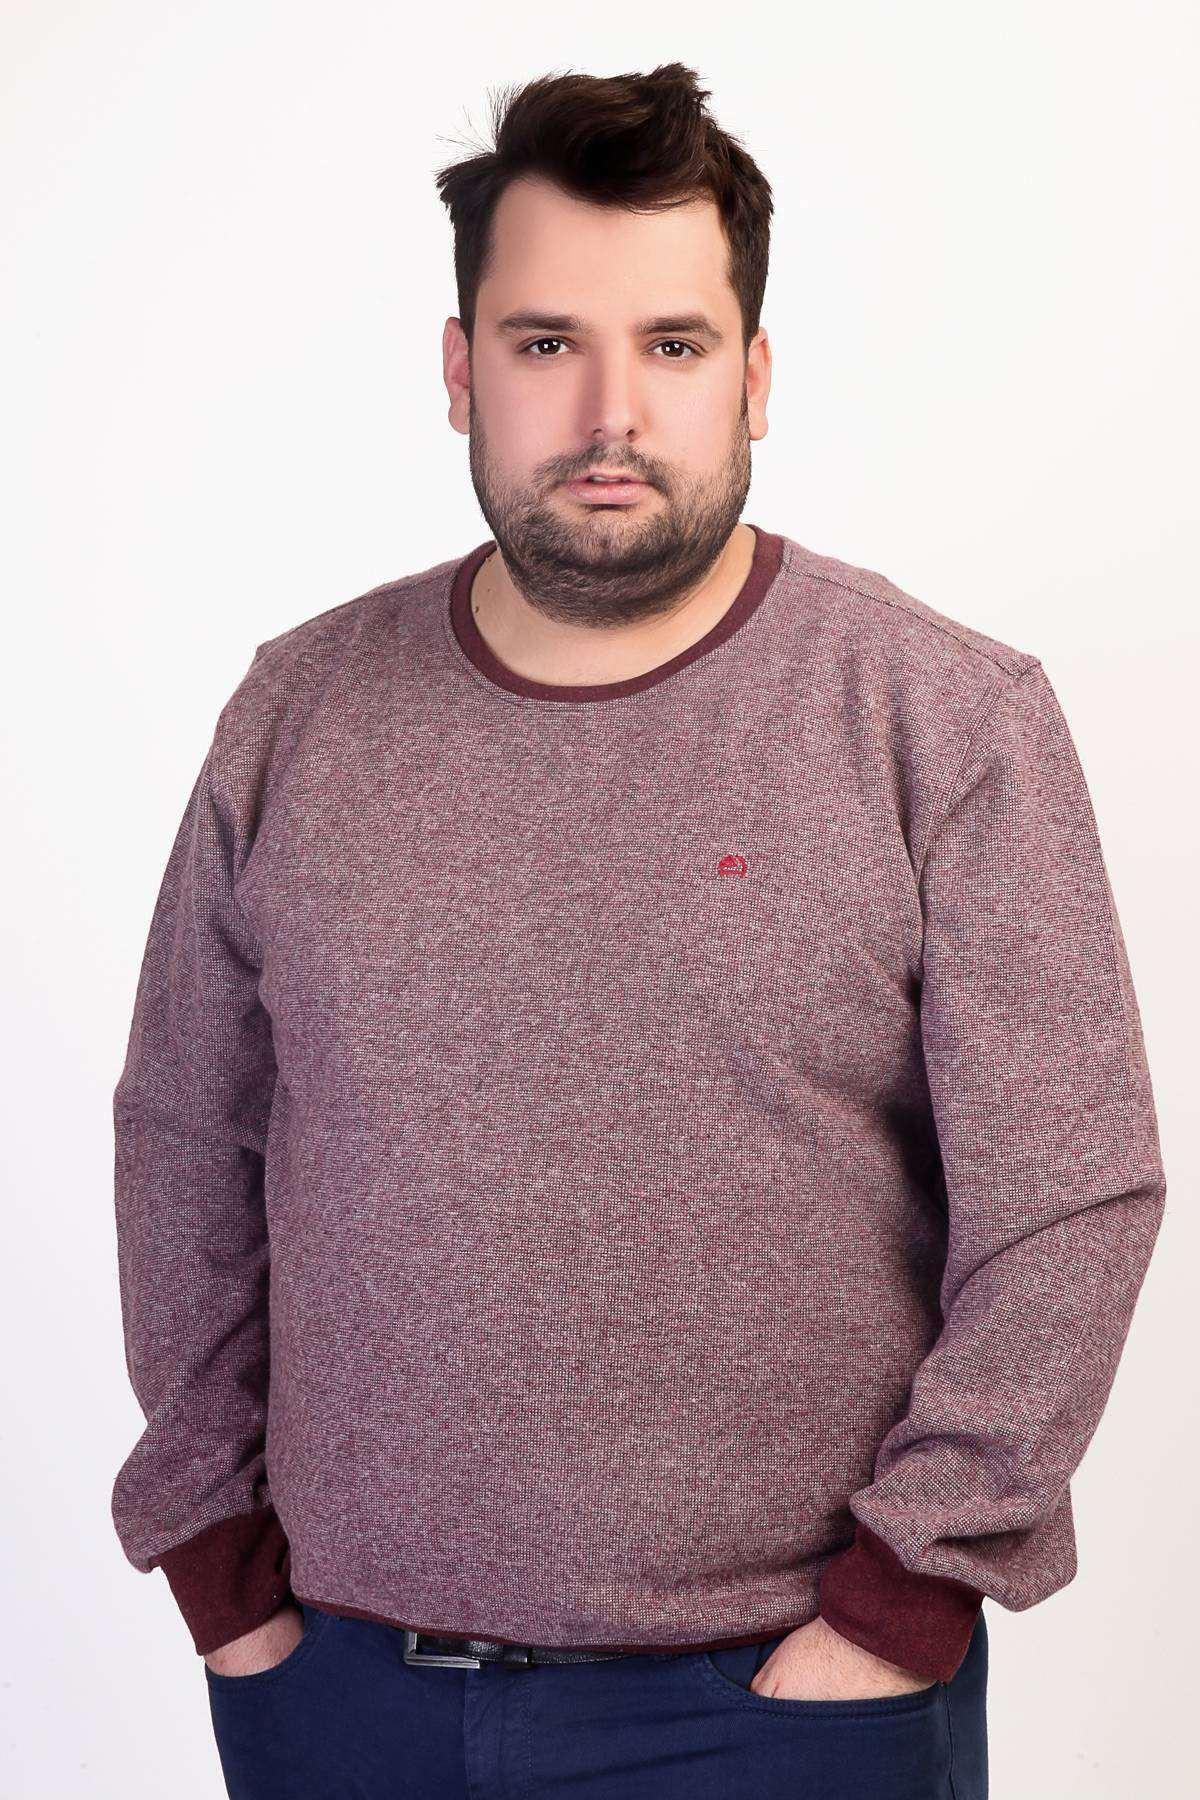 Sıfır Yaka Selanik Kırçıllı Süper Battal Sweatshirt Bordo